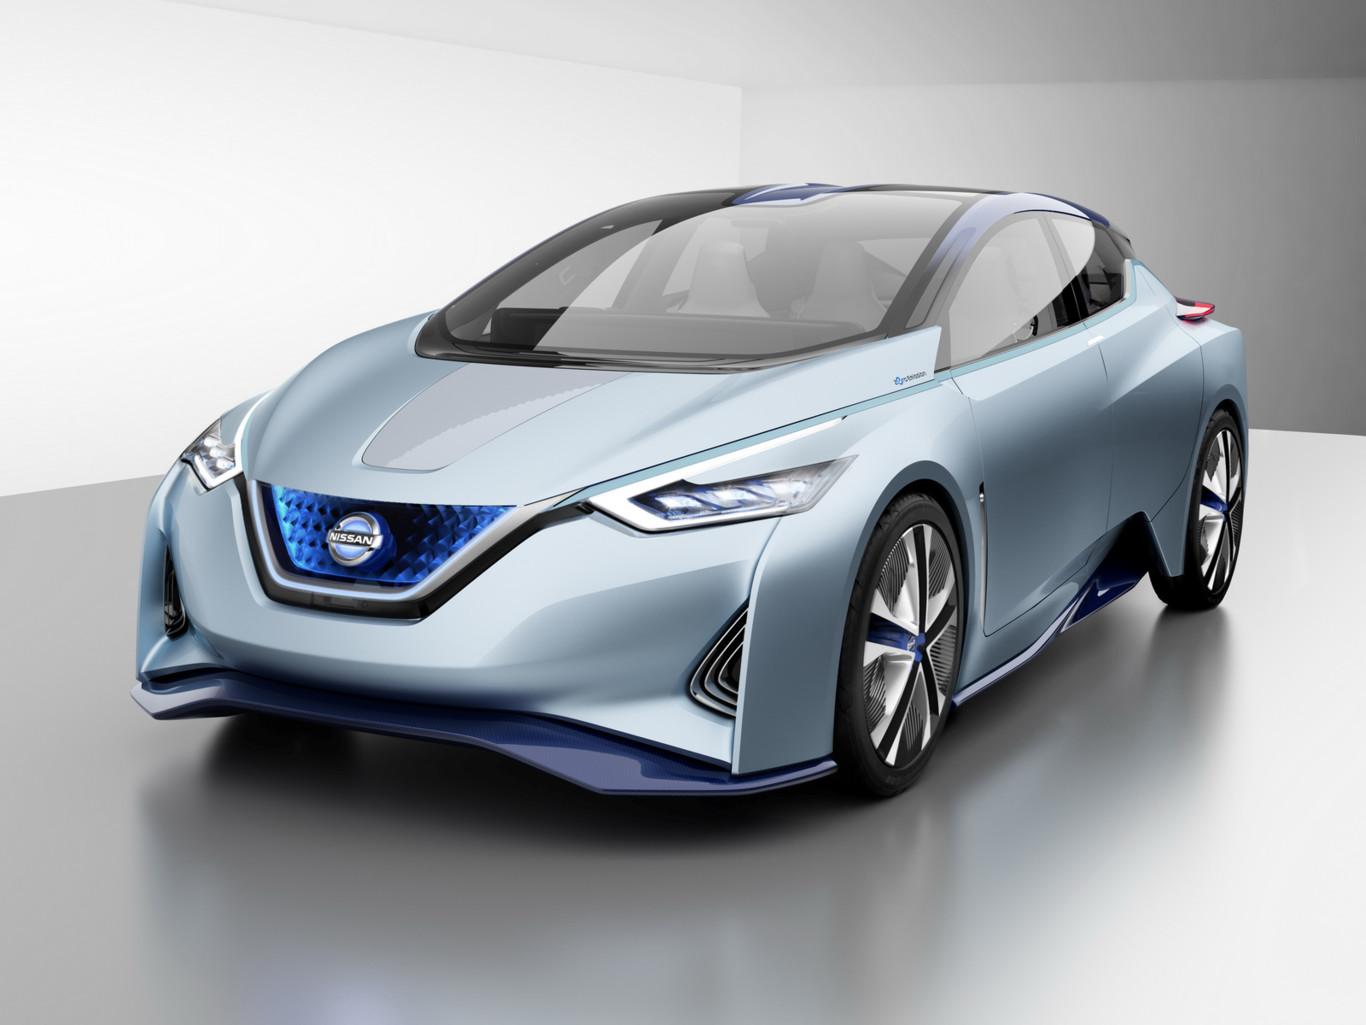 También Autónoma Por Nissan La ConceptApostando Conducción Ids 2IYWEDHe9